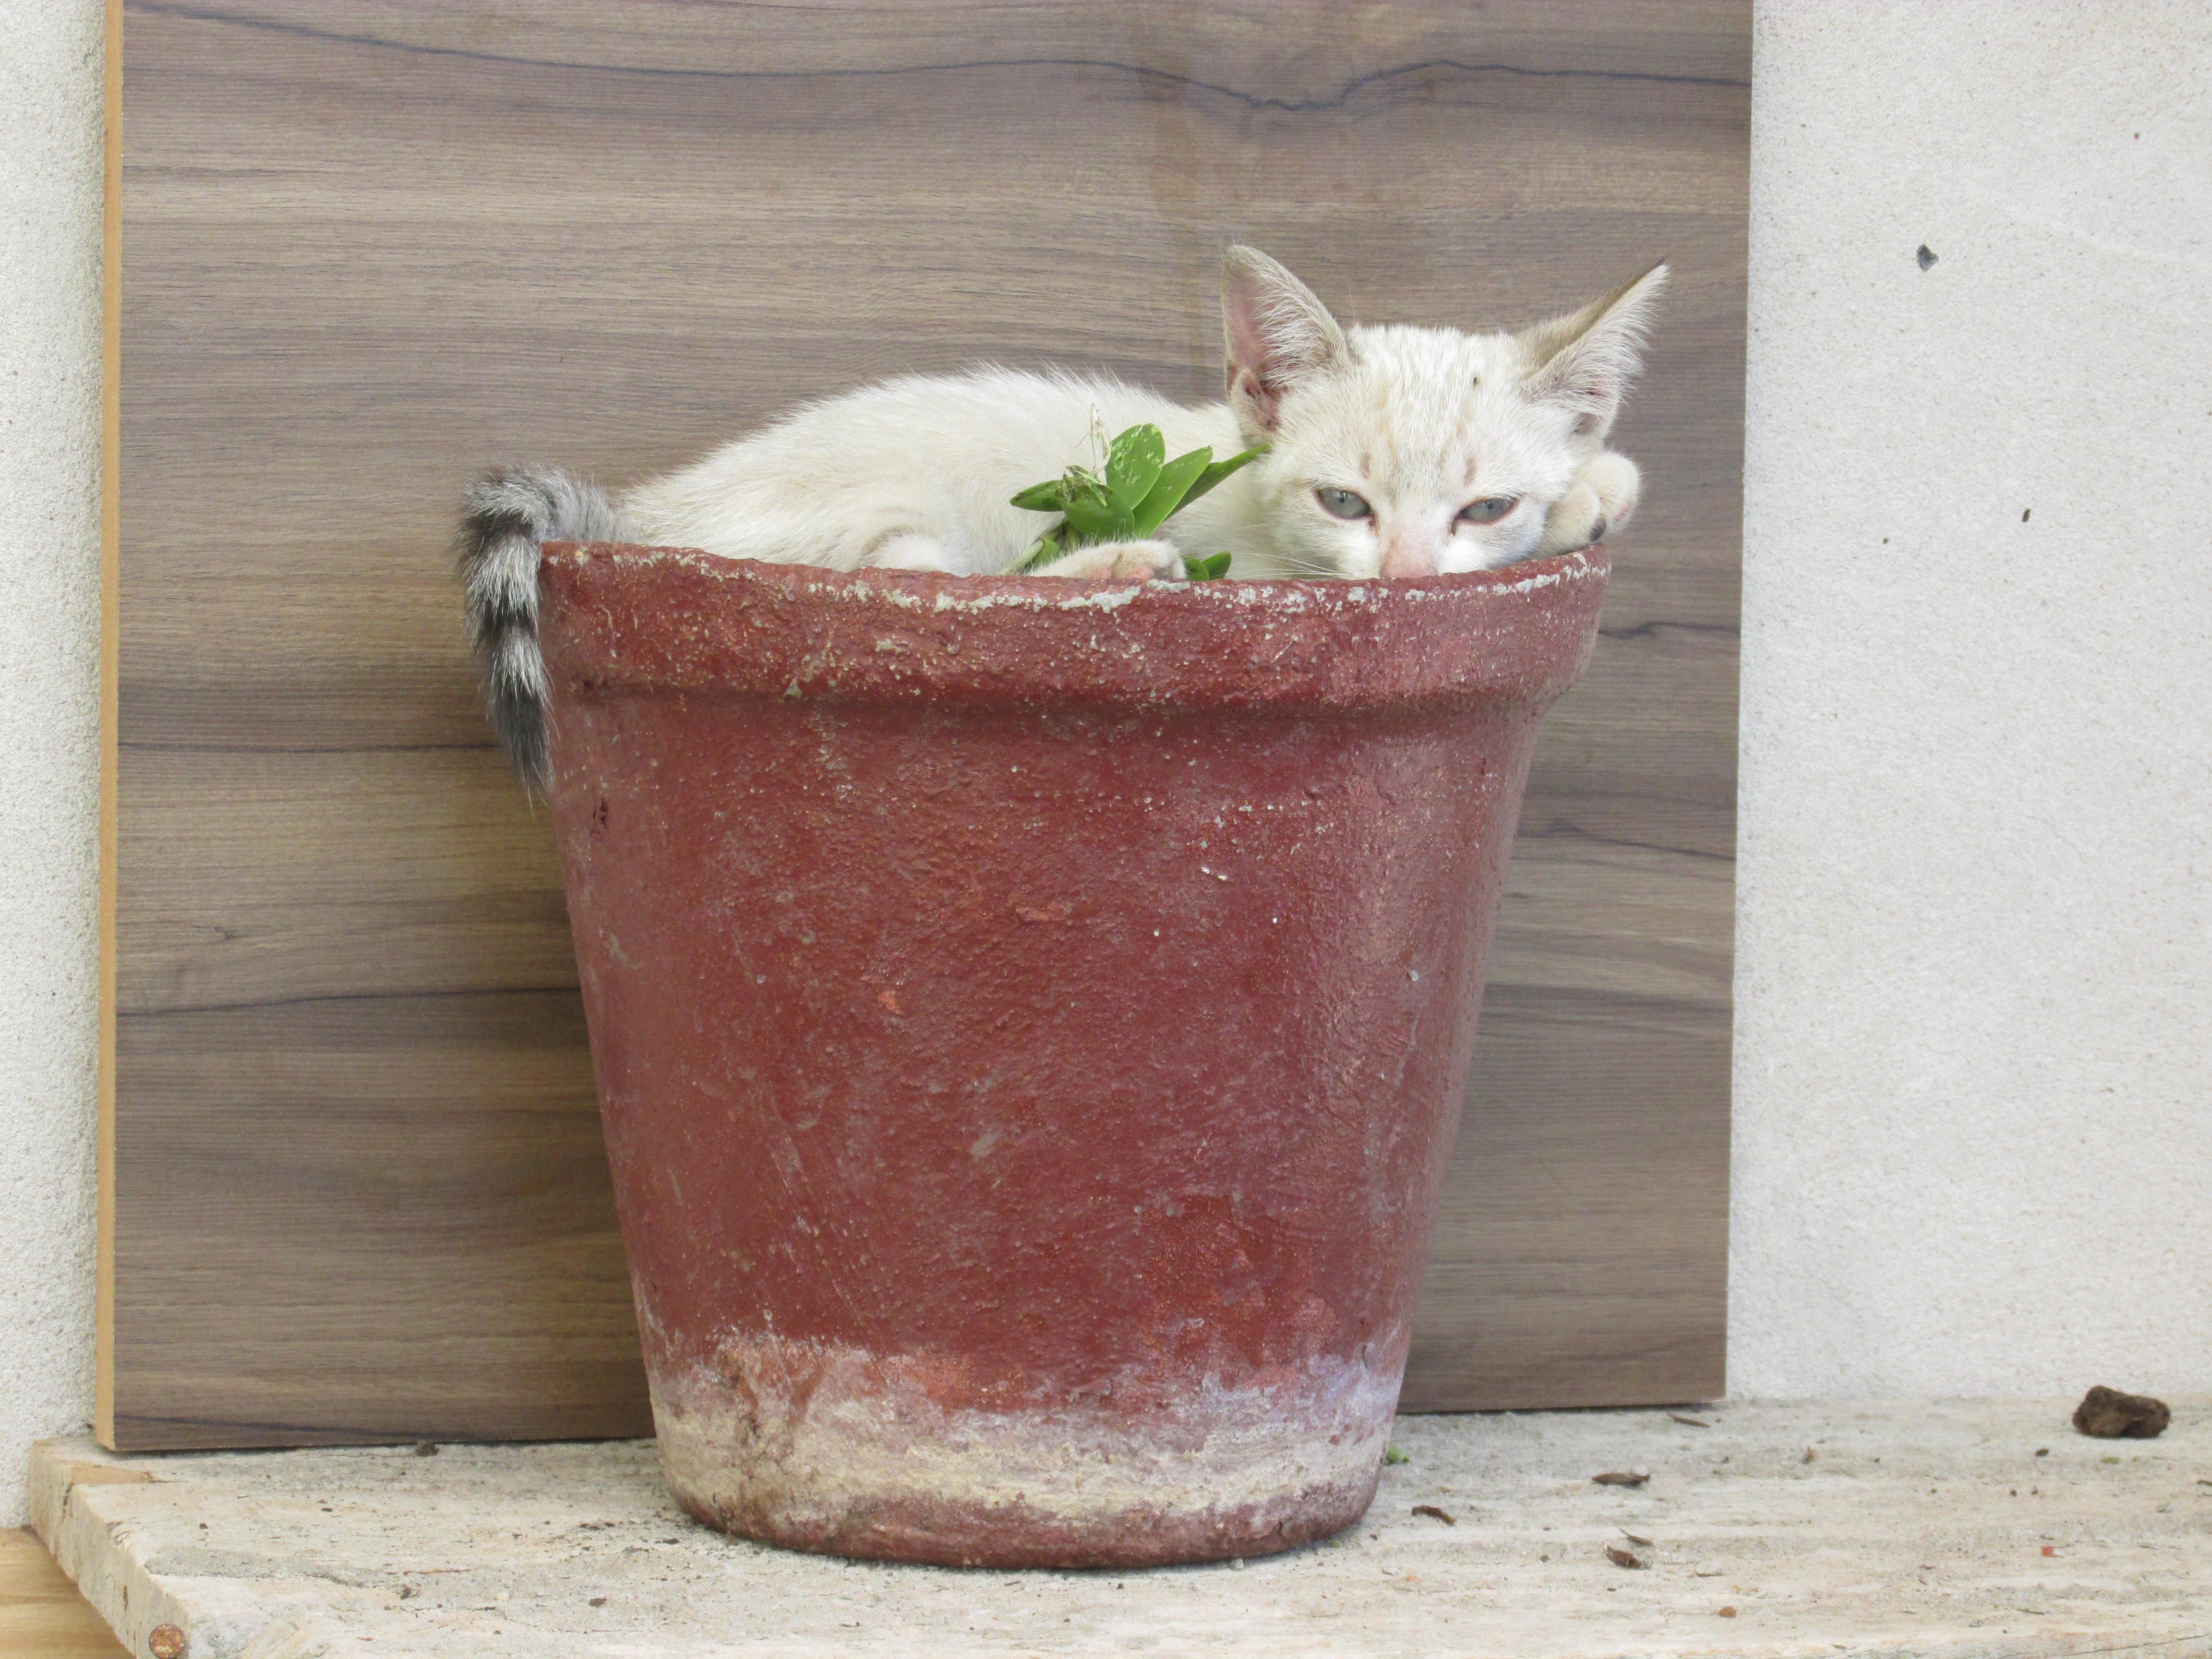 Gambar Hewan Makanan Anak Kucing Menghasilkan Lucu Lemak